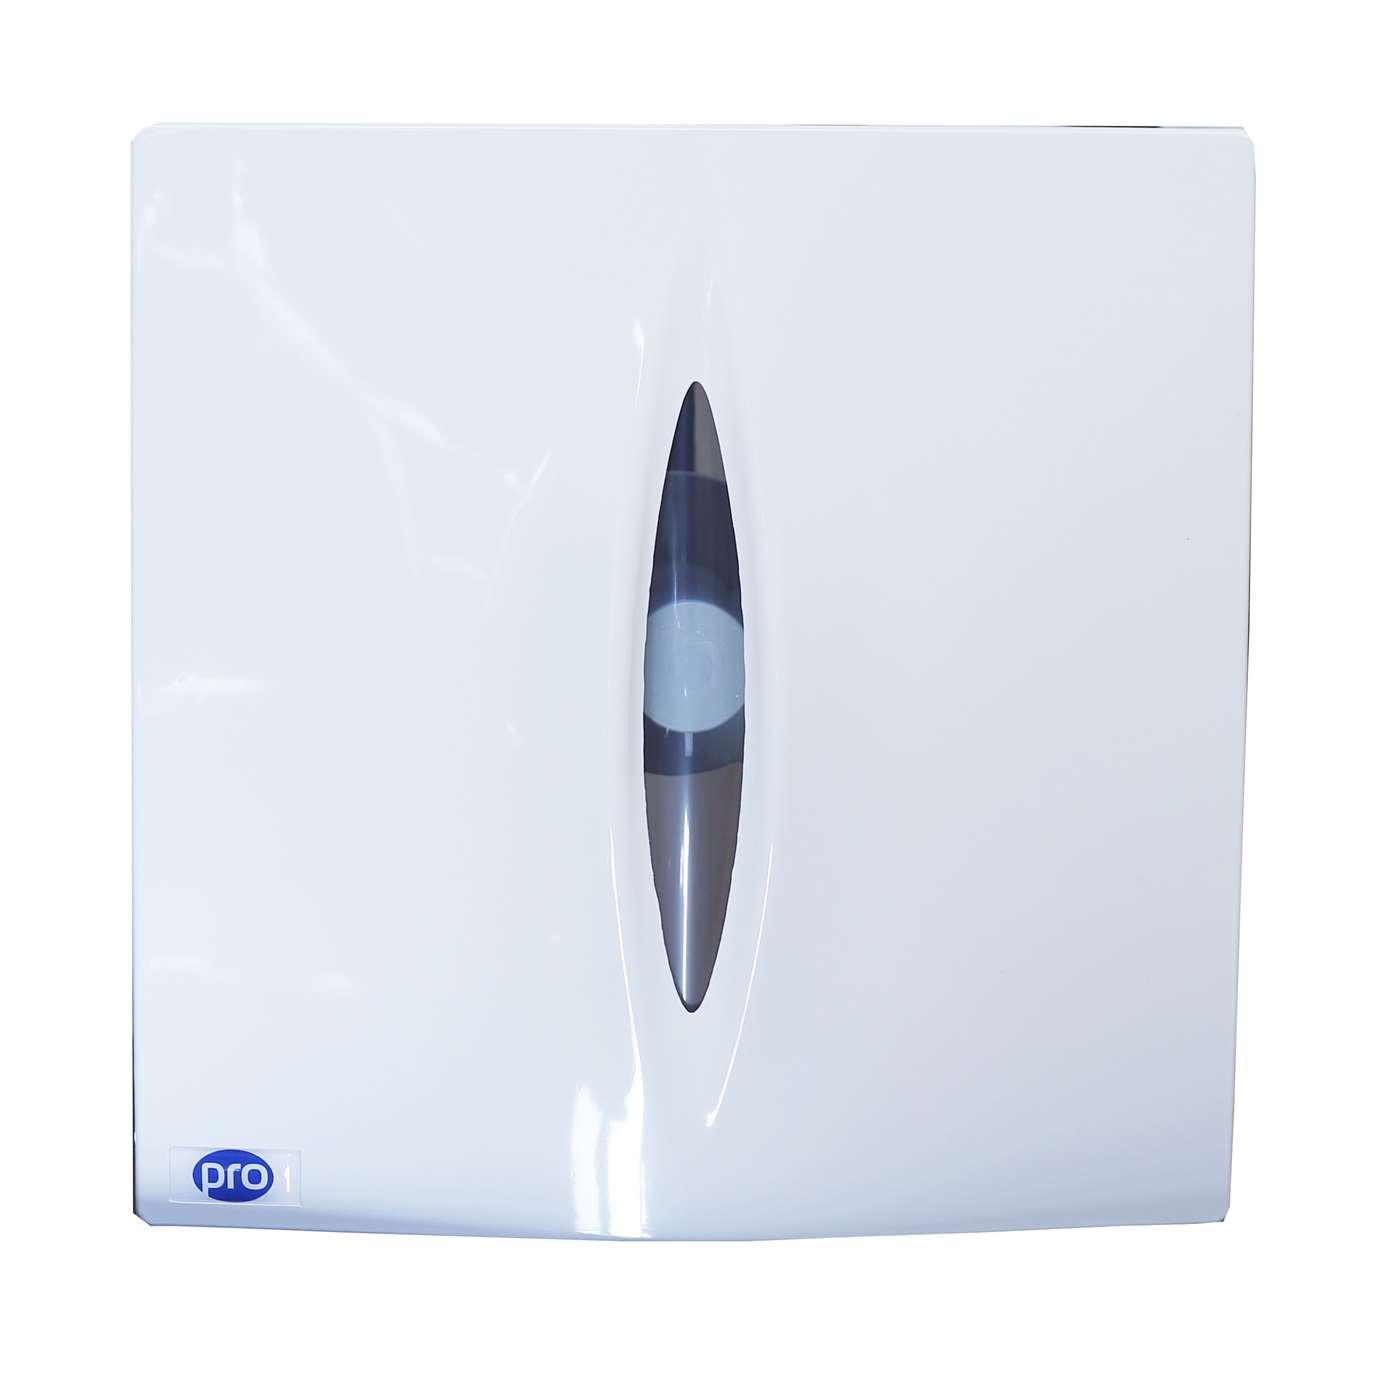 PRO Standard Jumbo Dispenser